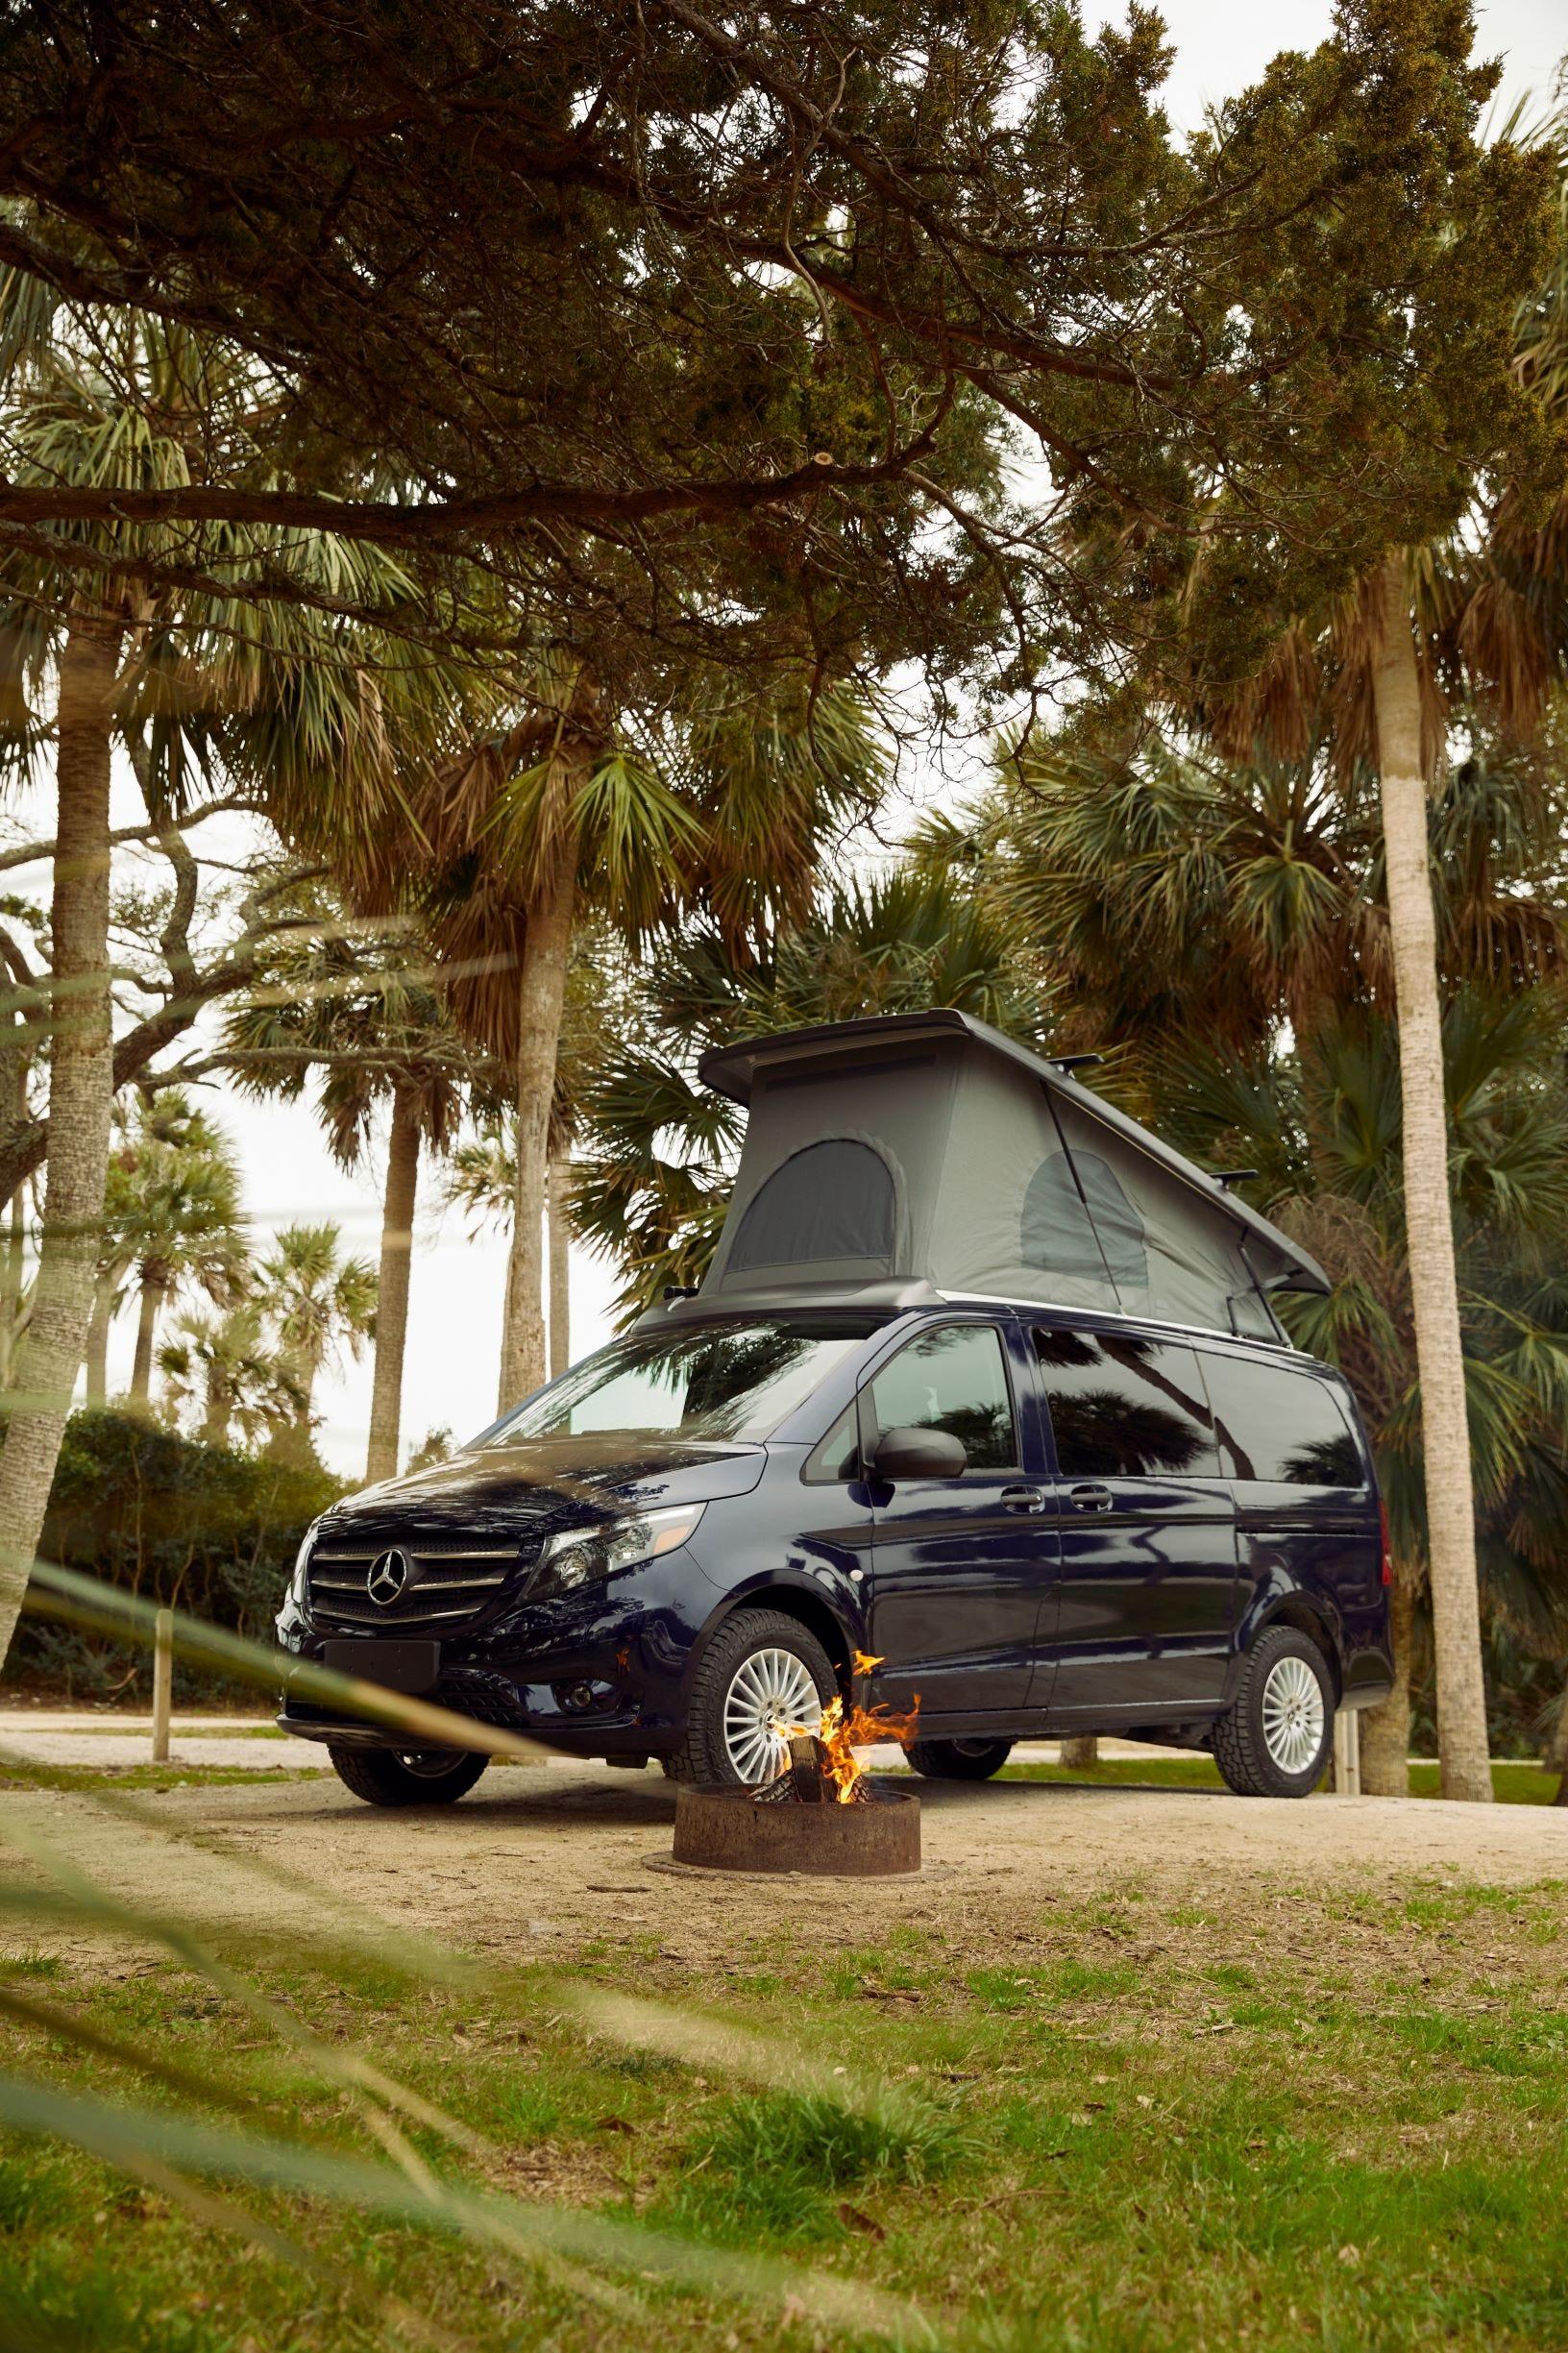 See brand's first pop-up camper van